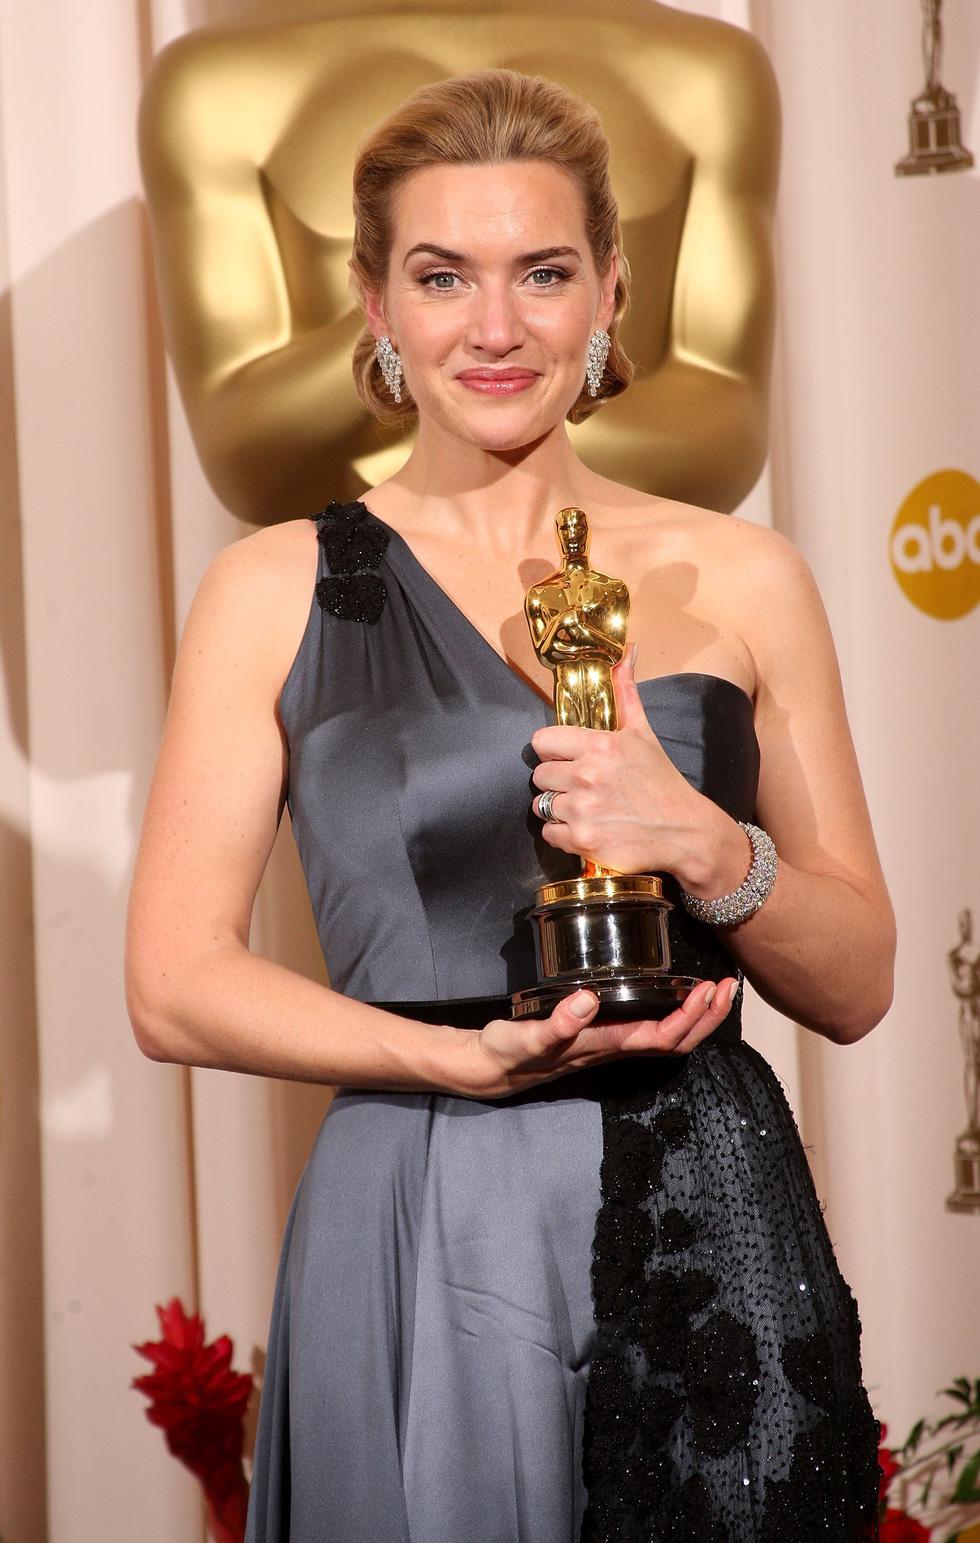 Những điều thú vị quanh Oscar của các ngôi sao nữ 90 năm qua - Ảnh 7.